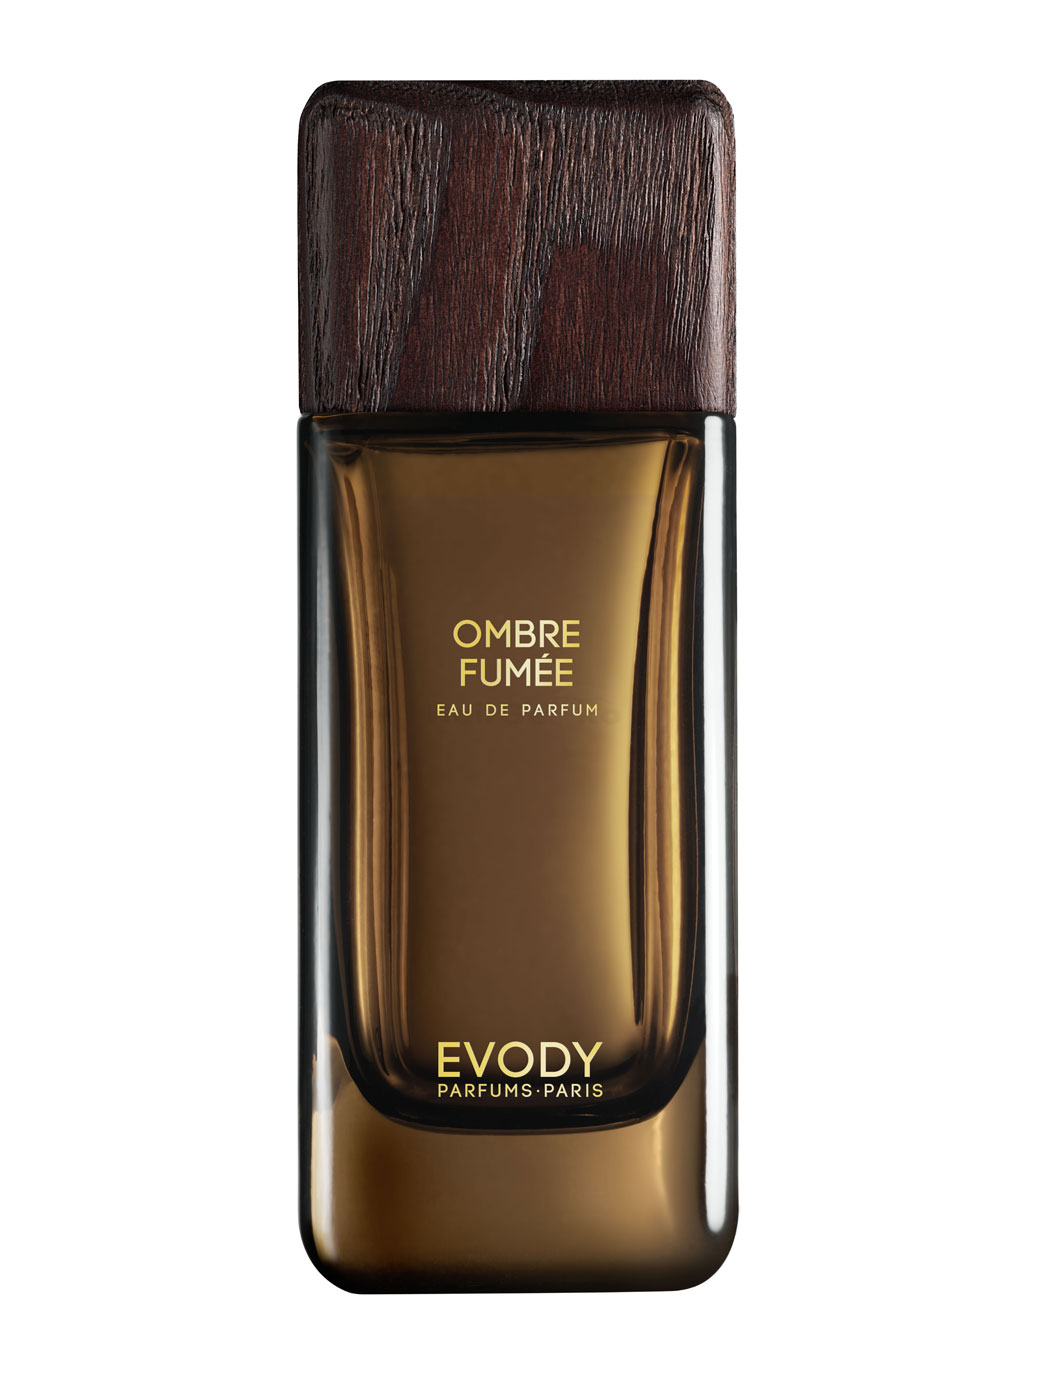 Evody - Collection D'Ailleurs - Ombre Fumee Eau de Parfum 100ml